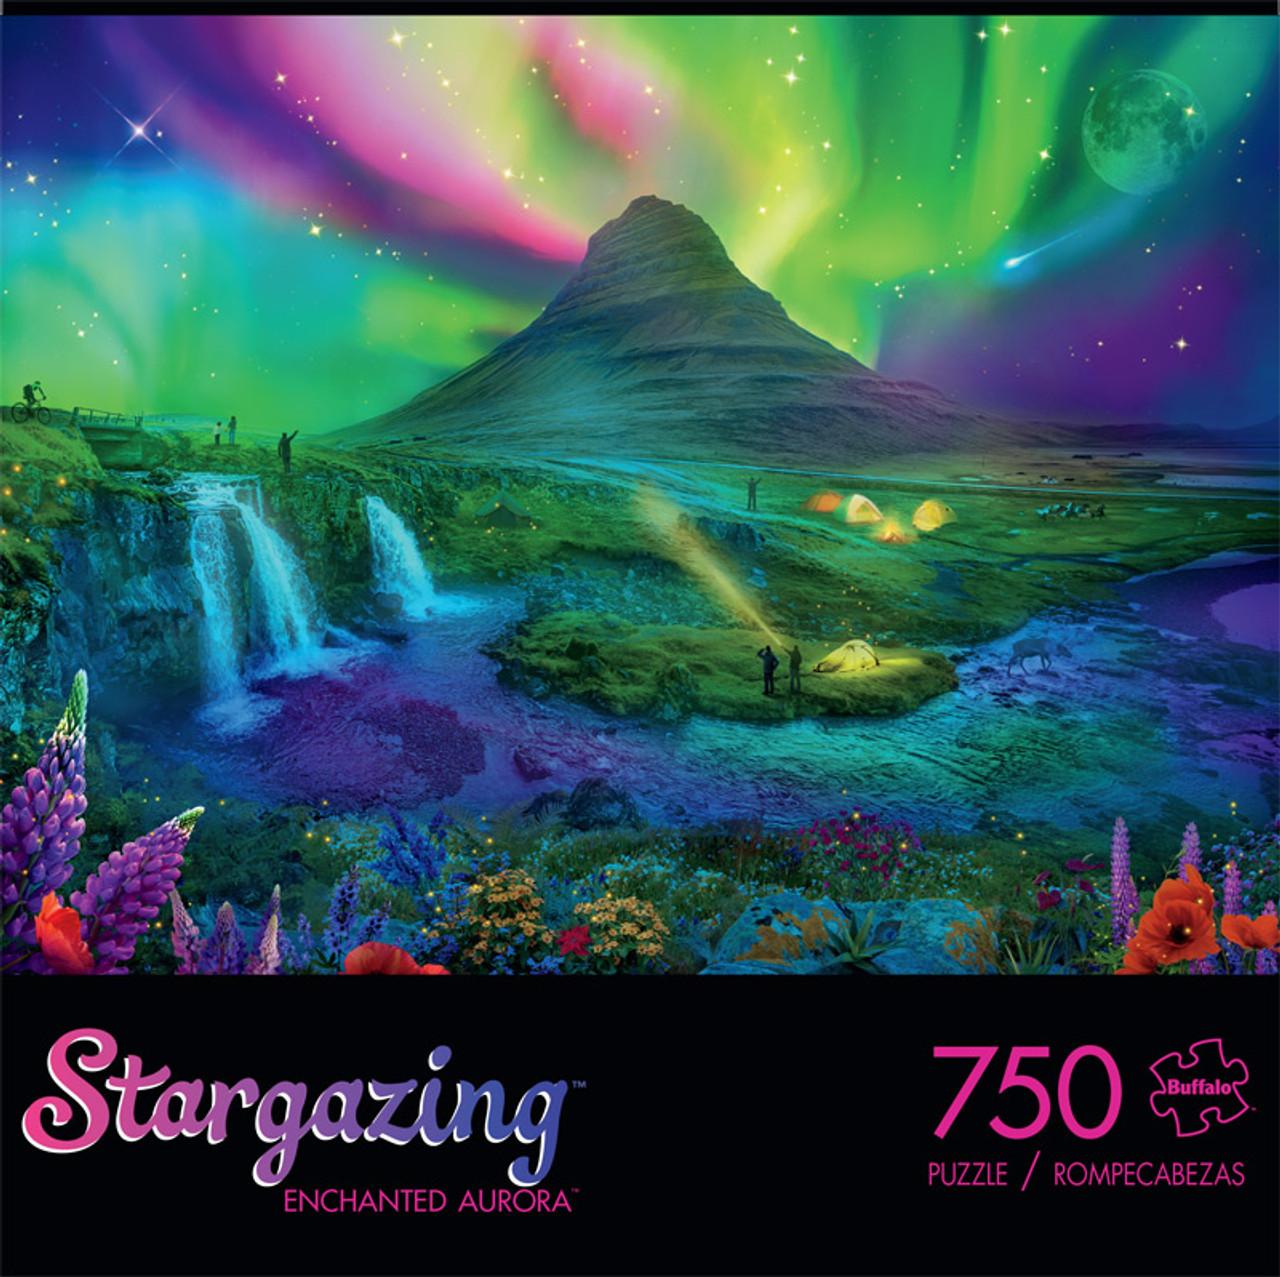 Galaxy Dream 750 Piece Jigsaw Puzzle Buffalo Games